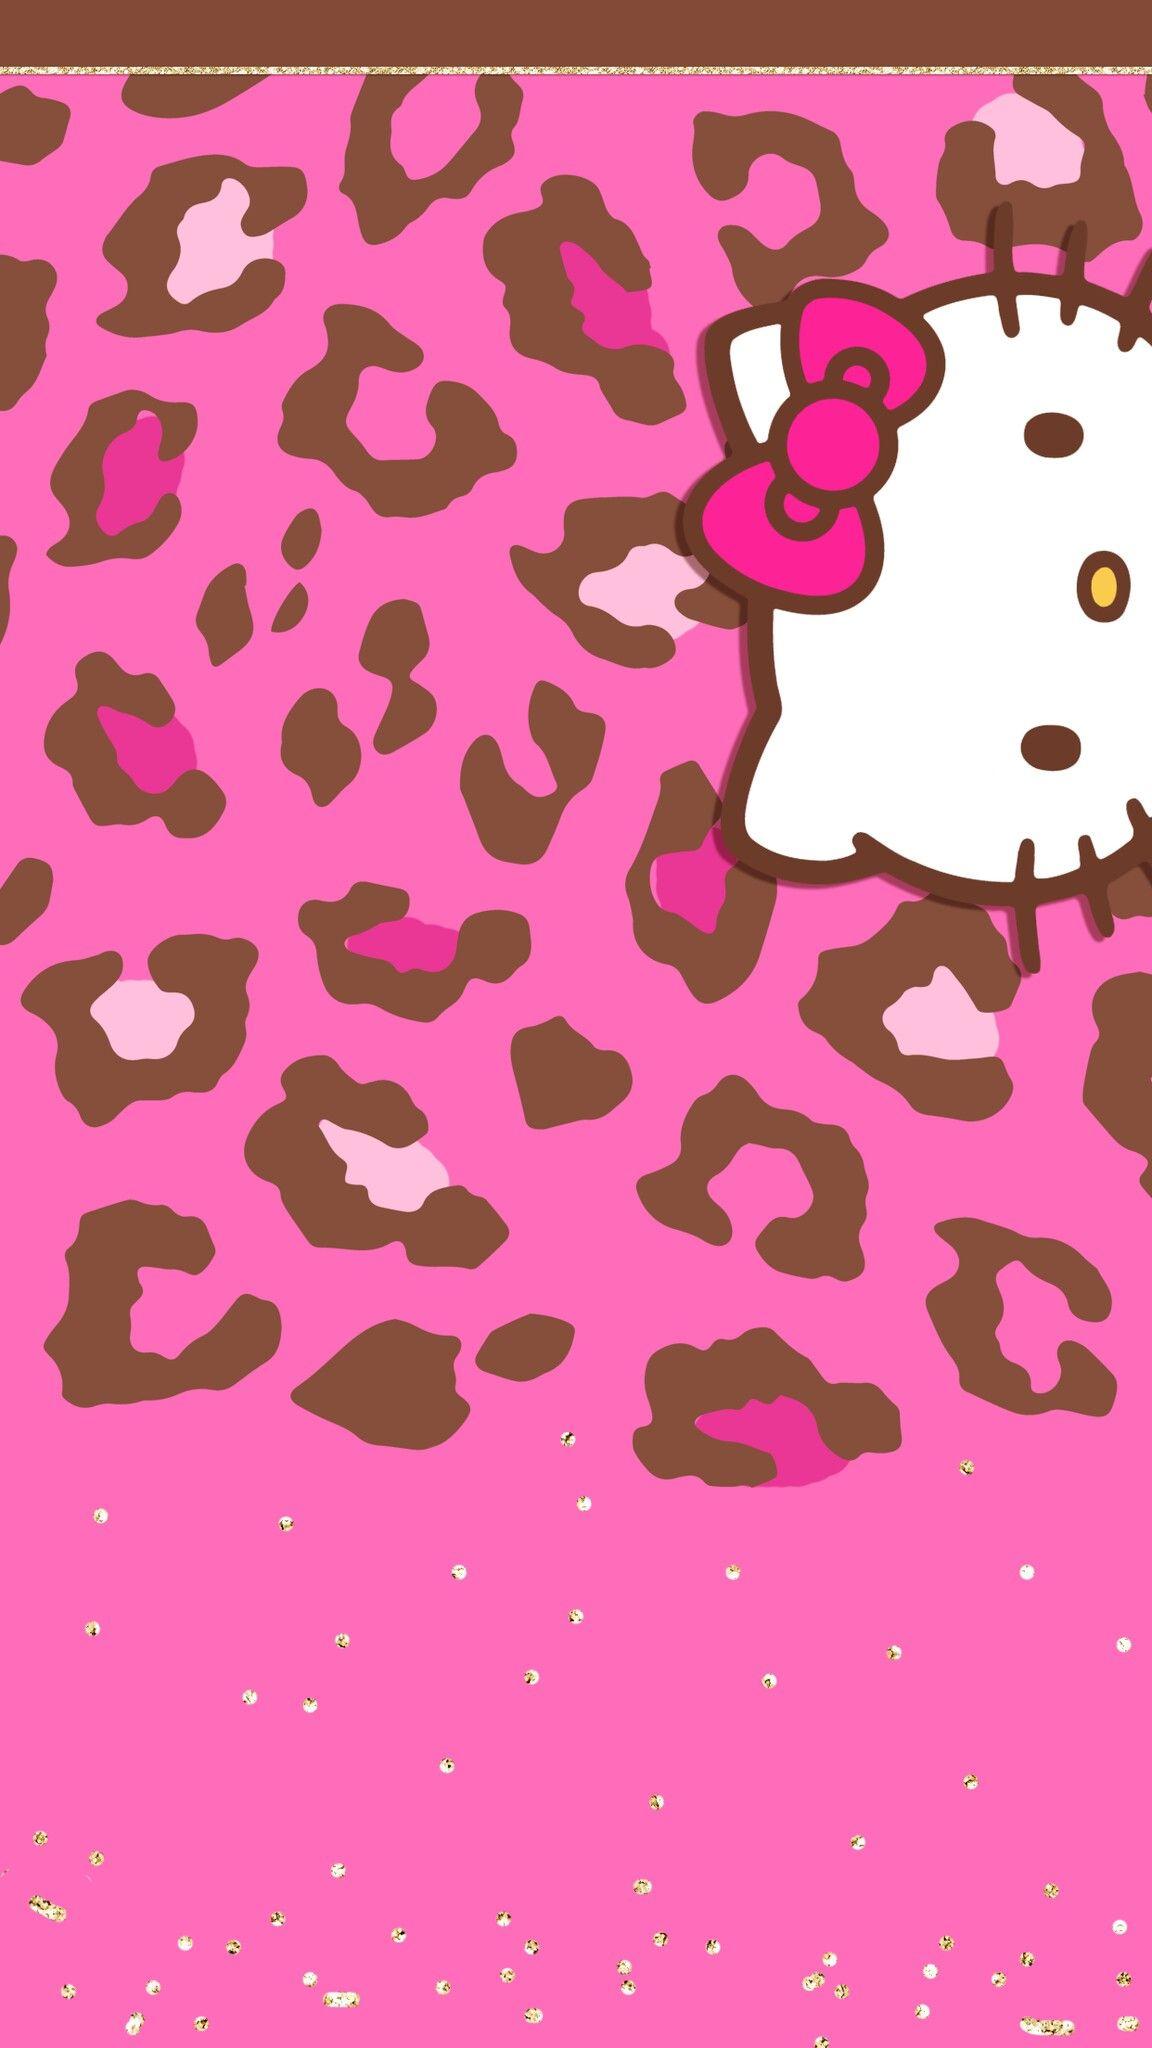 Wonderful Wallpaper Hello Kitty Cheetah - fd6e0c8e32316923f0bb988d78ebdfa0  Photograph_655811.jpg